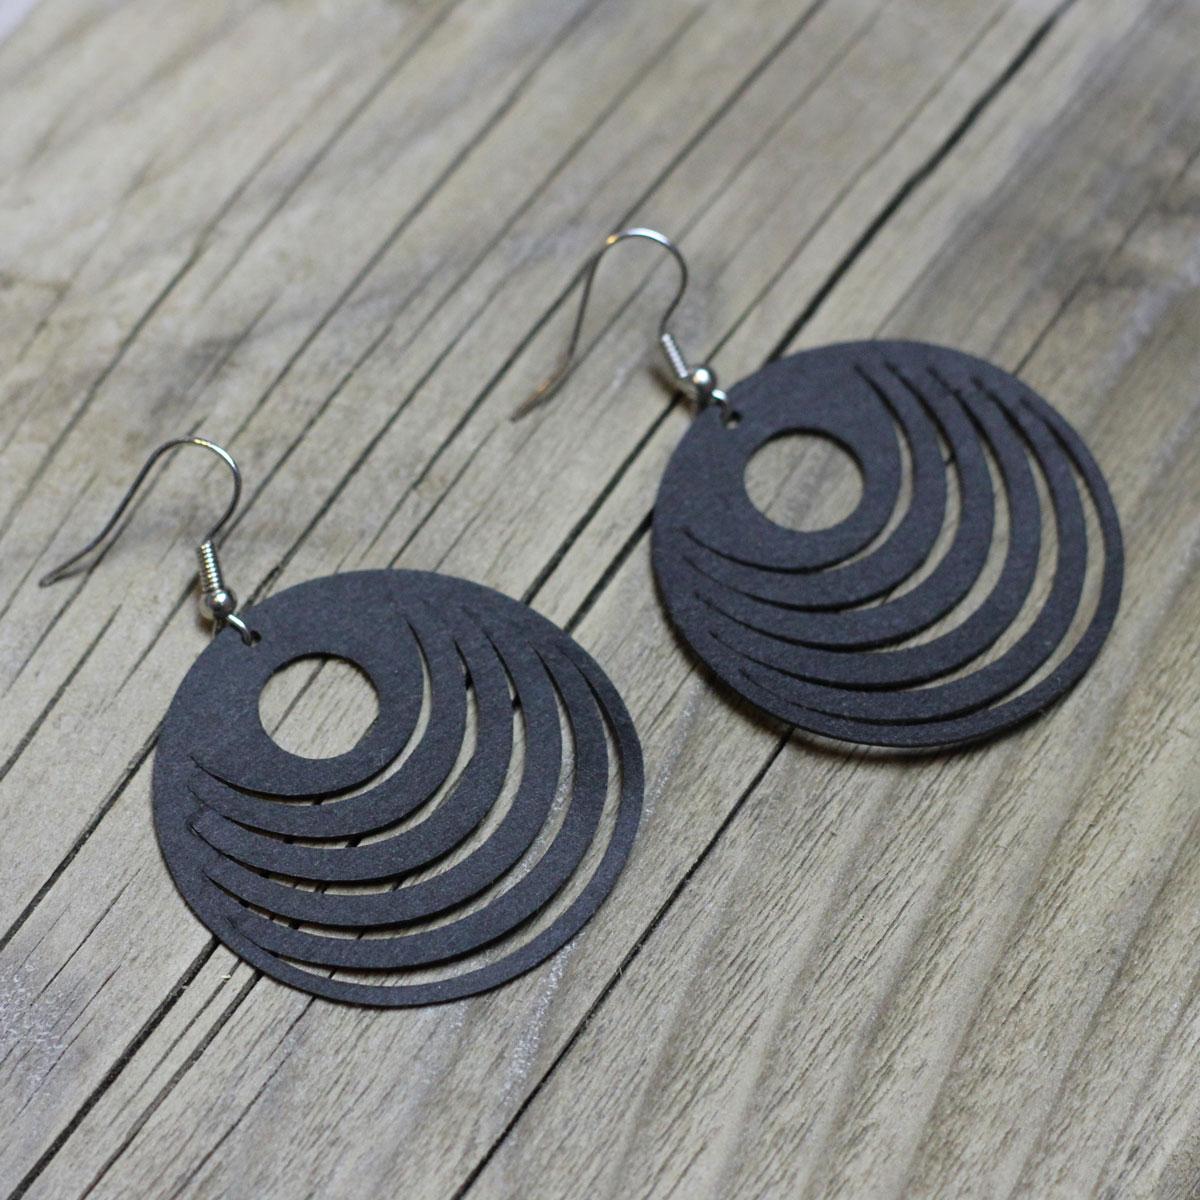 Ein Stück SnapPap, 2 Ohrring-Rohlinge, 5 Minunten Zeit und Zangen zum Zusammenbauen - fertig sind die selbstgeplotteten Ohrringe!